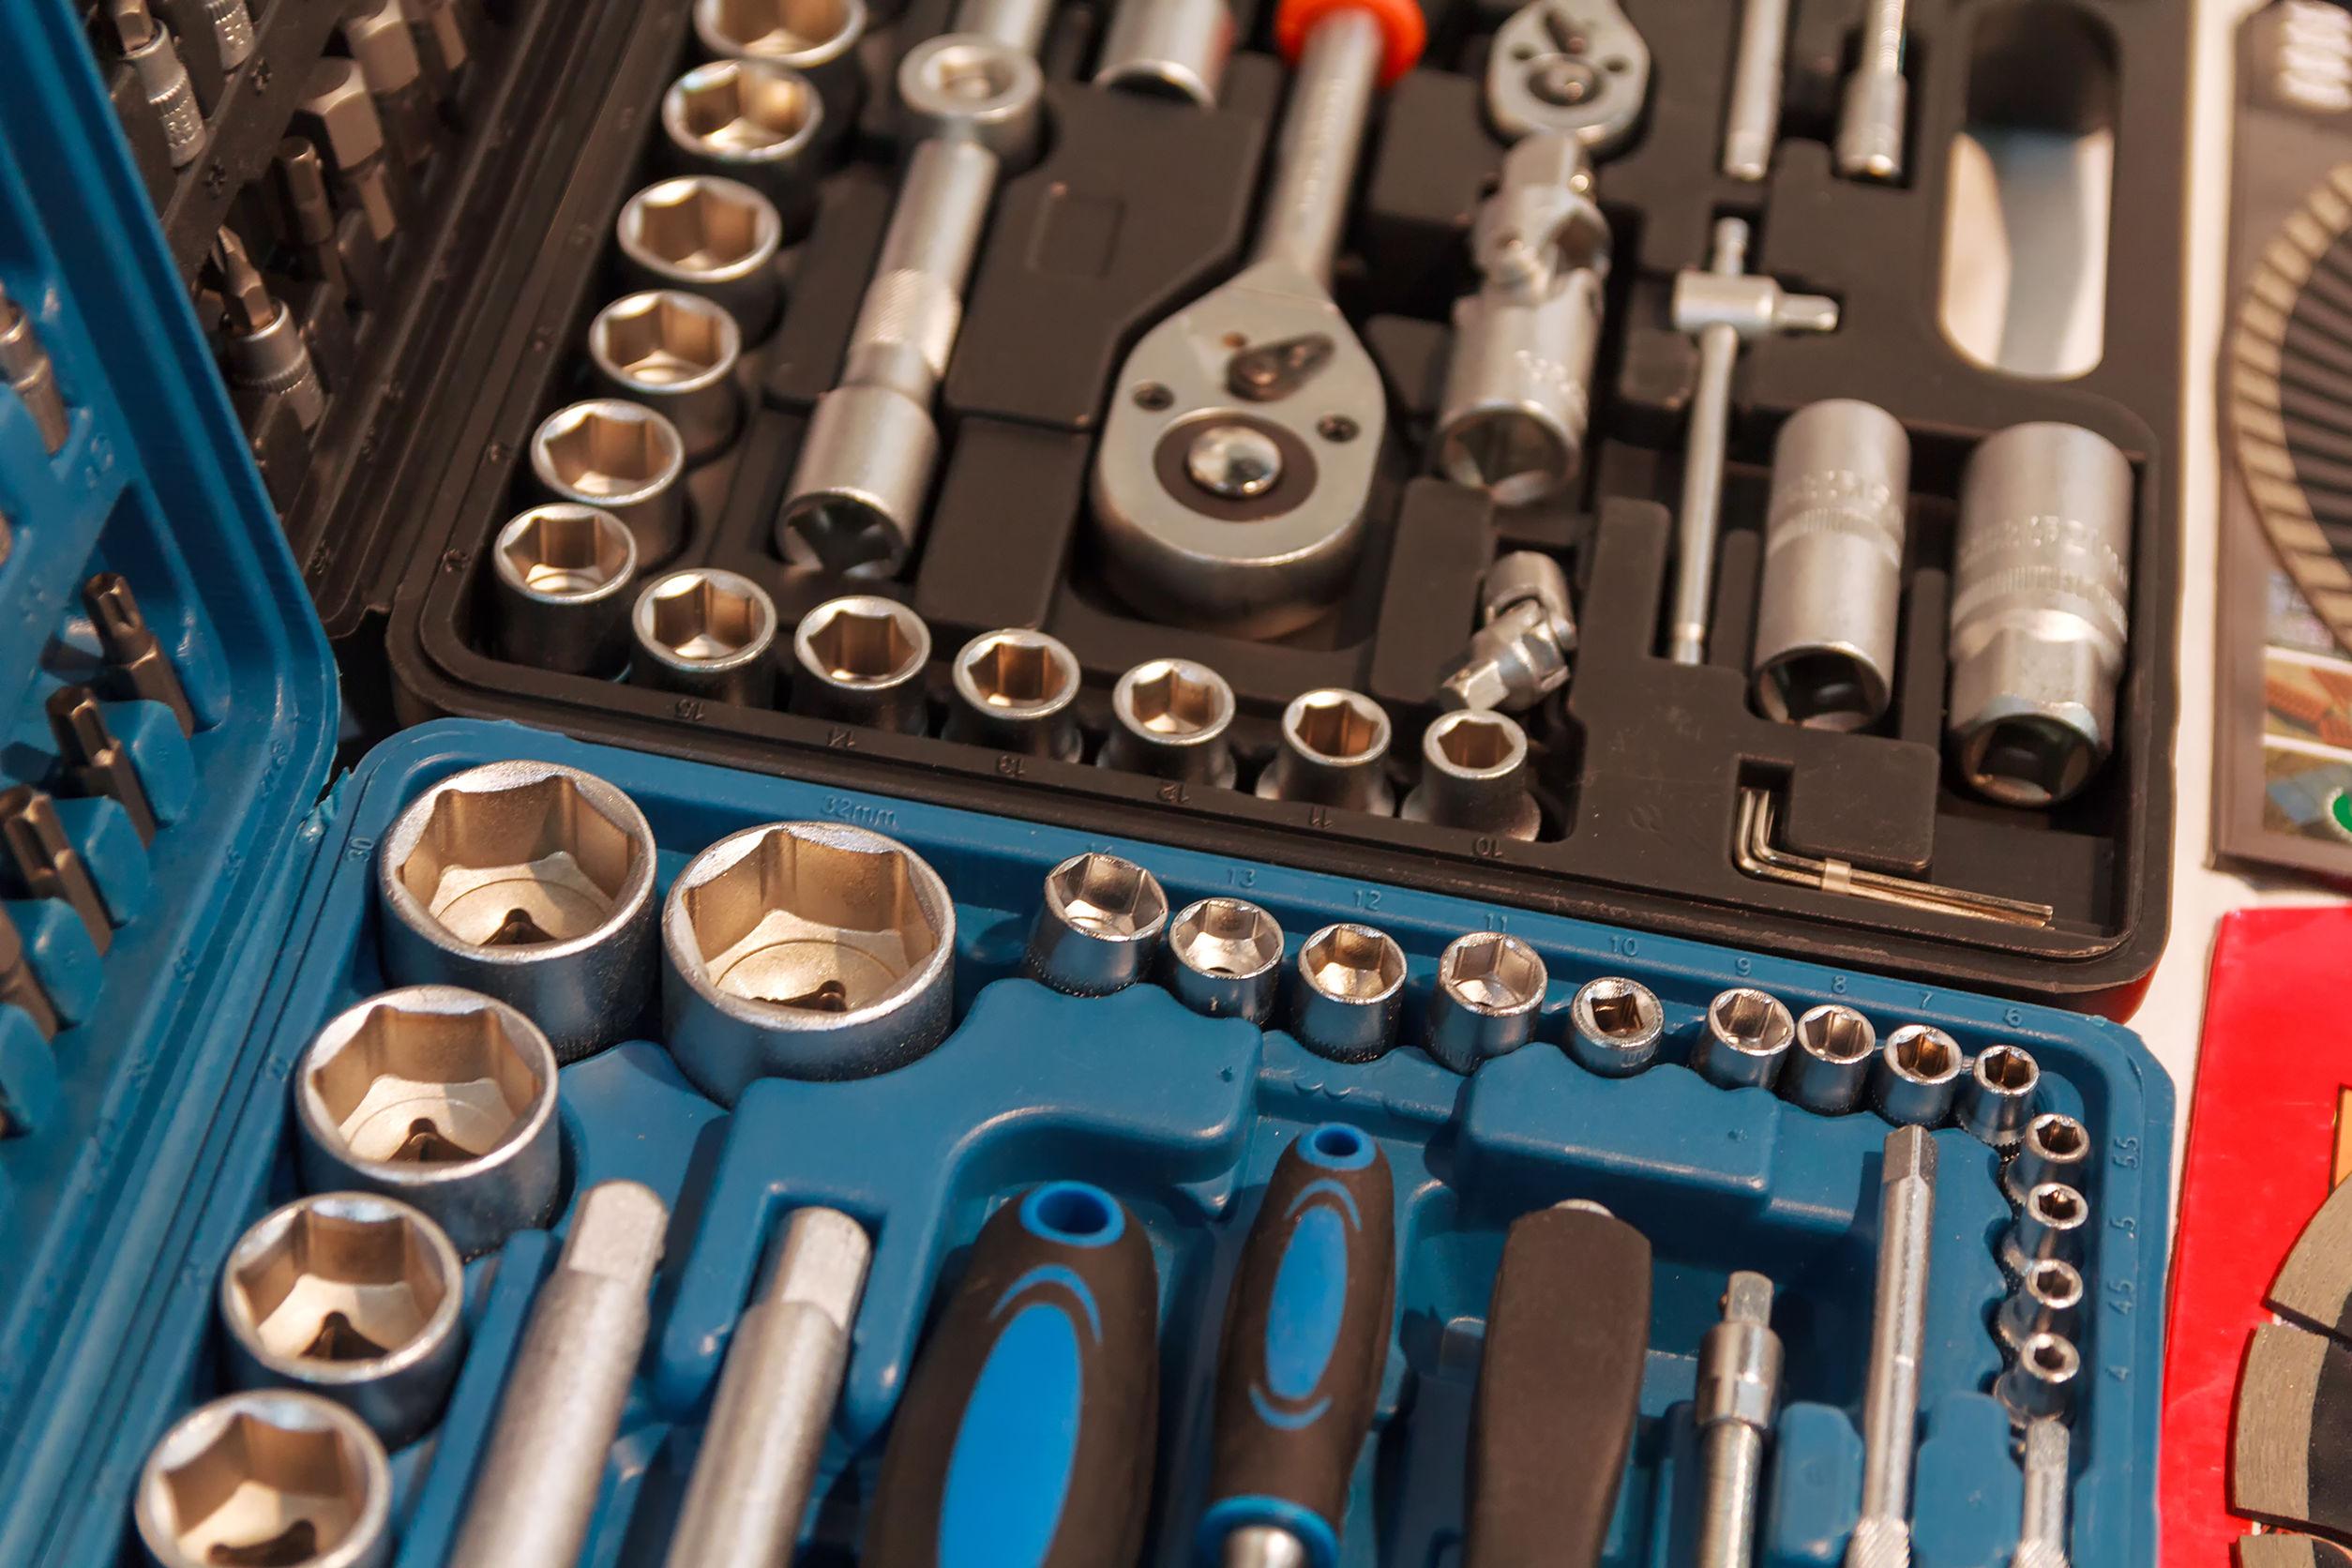 Proxxon Steckschlüsselsatz: Test & Empfehlungen (05/21)